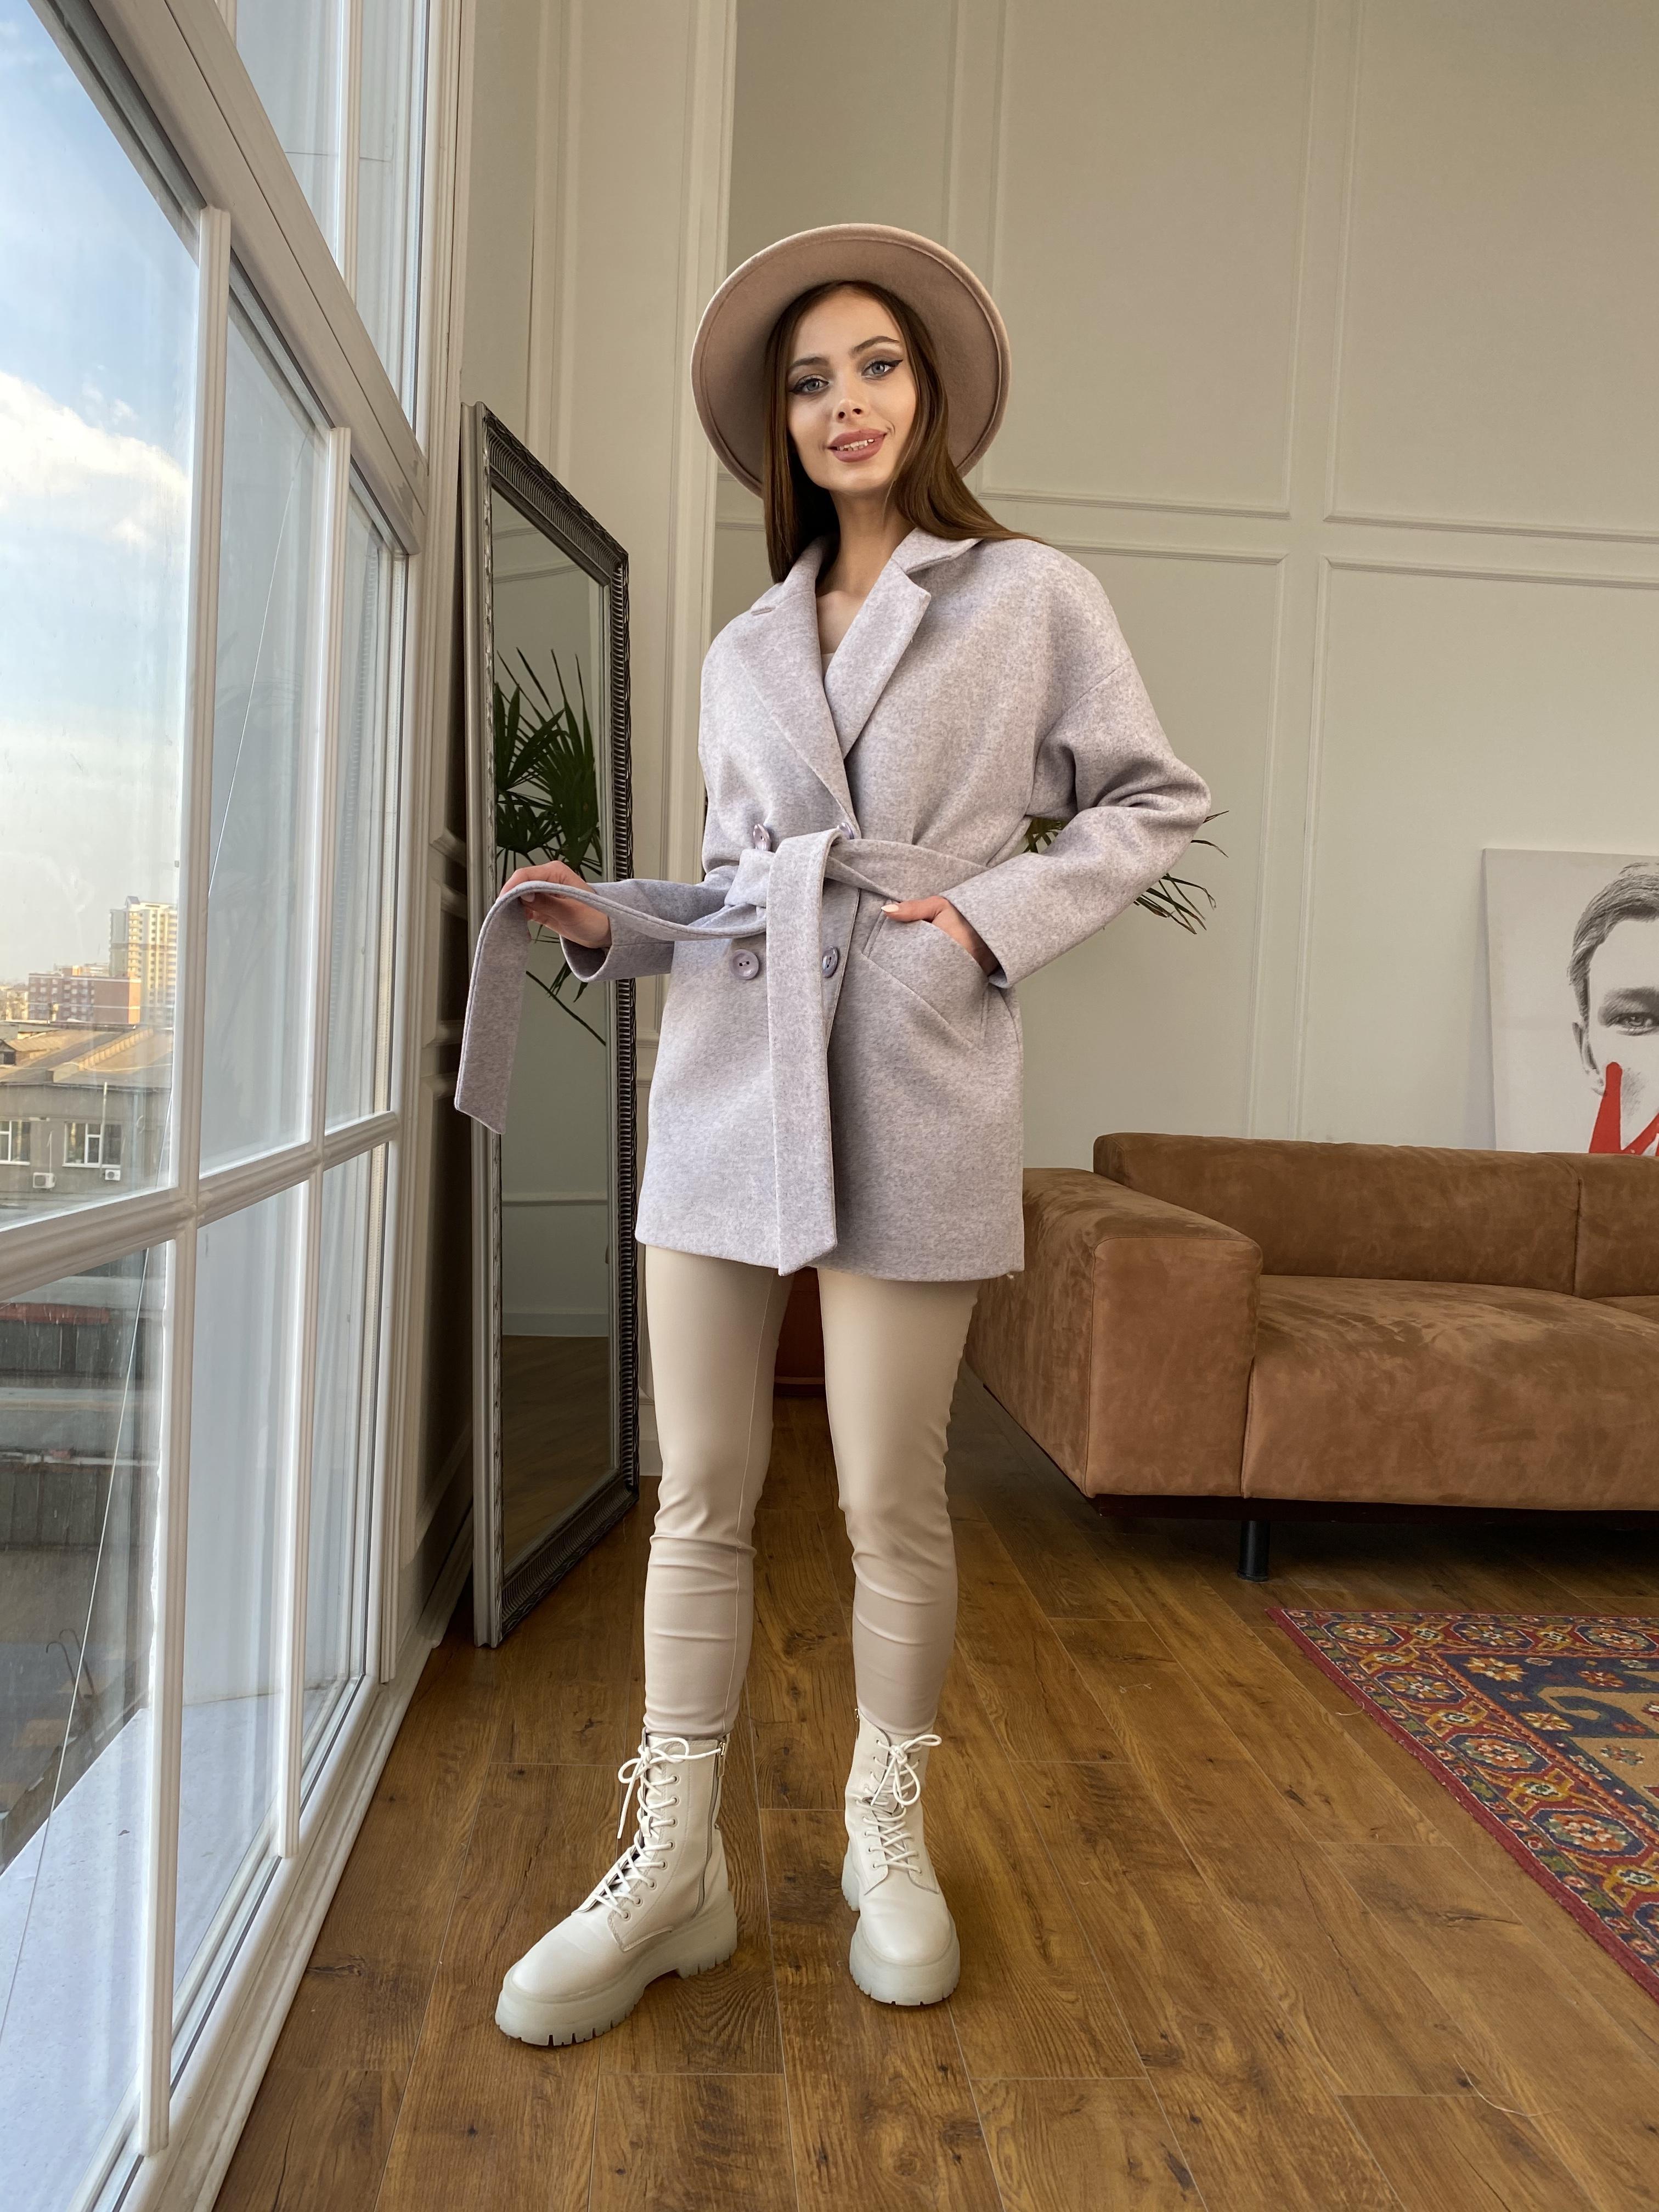 Бонд пальто  кашемировое меланж на трикотаже  10644 АРТ. 47177 Цвет: Серо-розовый - фото 11, интернет магазин tm-modus.ru